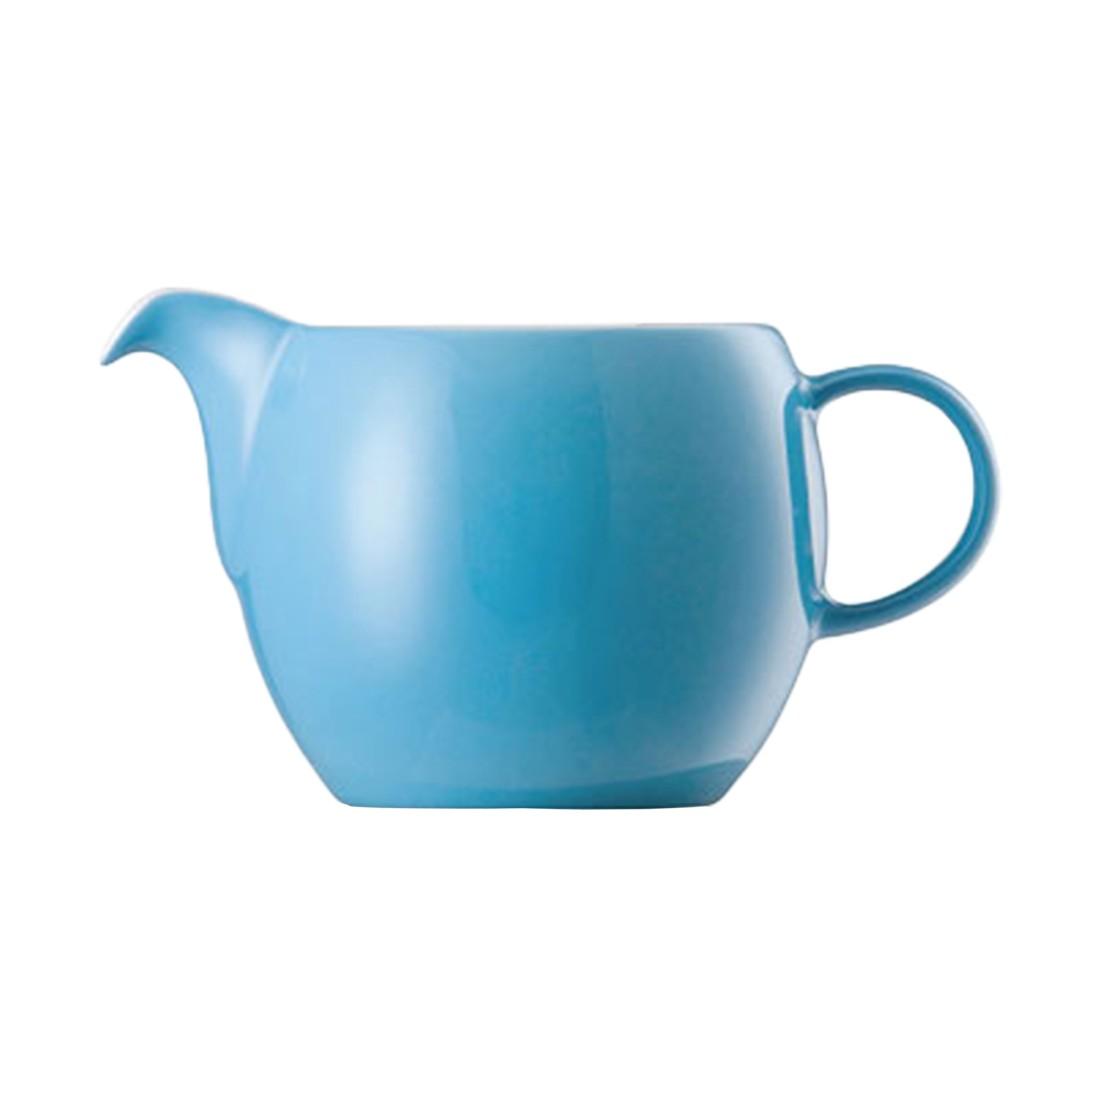 Milchkännchen Sunny Day 200 ml – Porzellan Blau, Thomas online kaufen